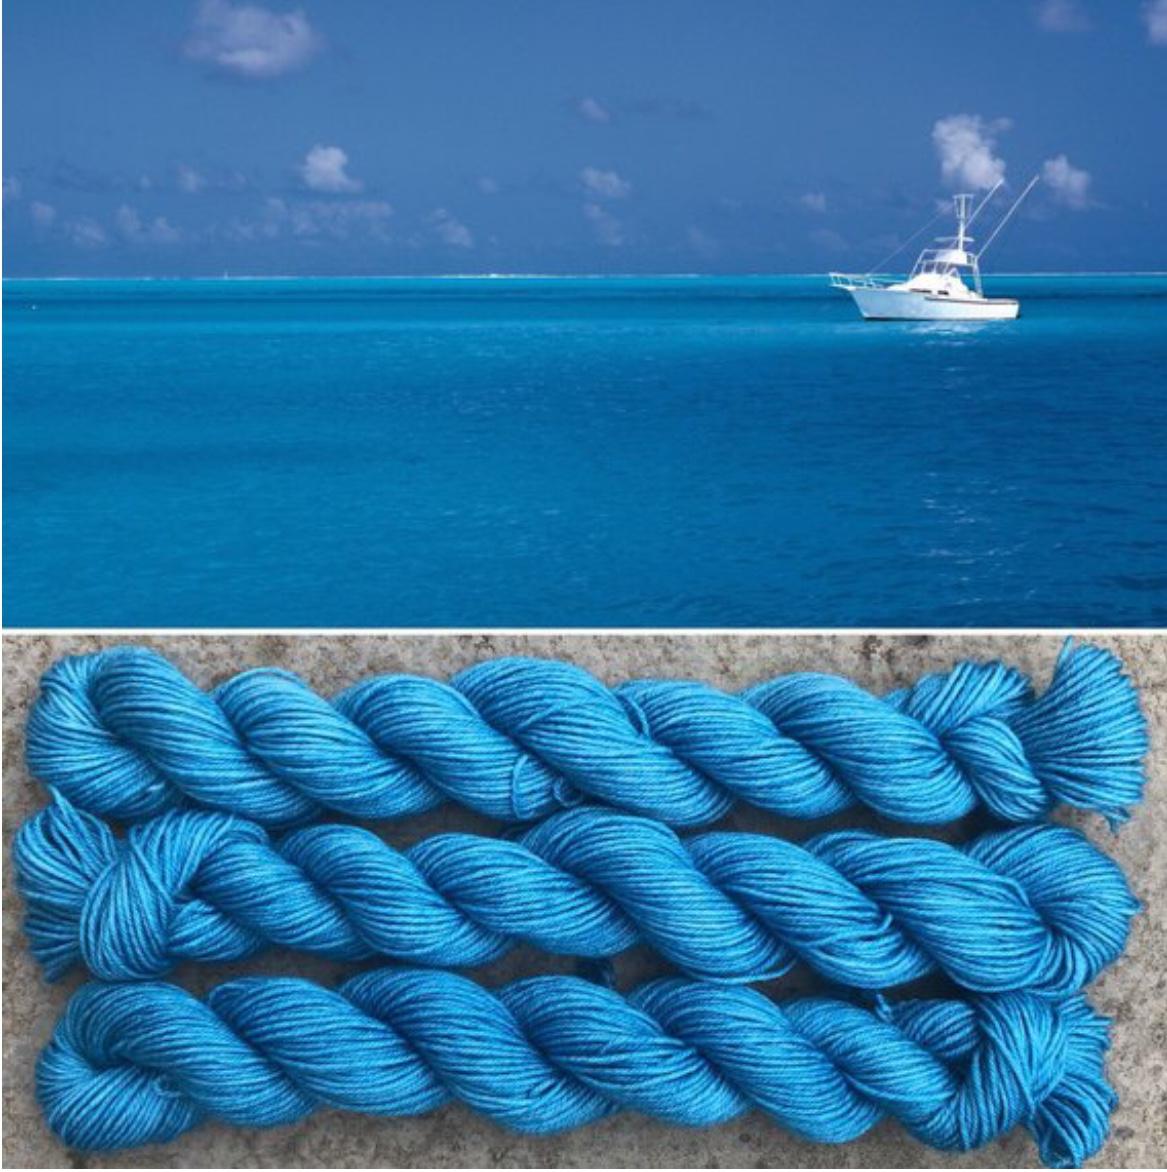 Deep ocean blue yarn